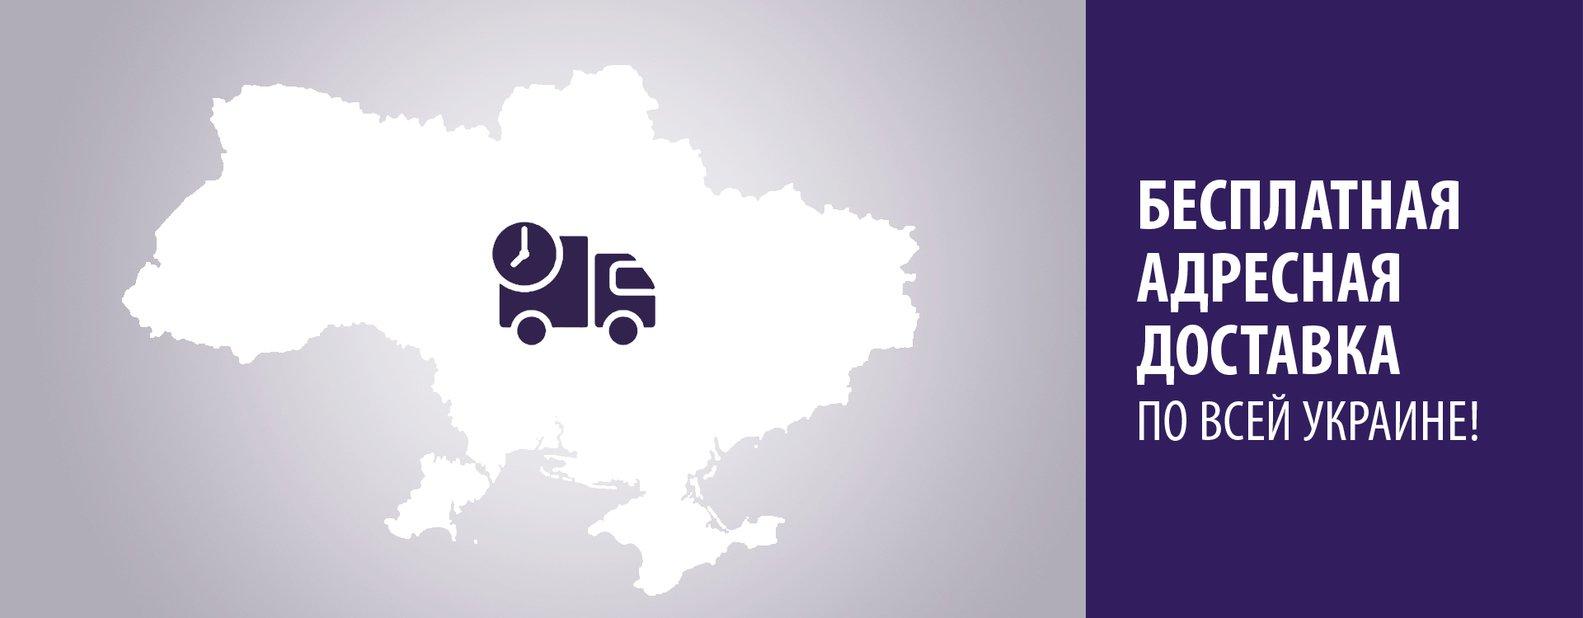 Бесплатная адресная доставка по Украине!